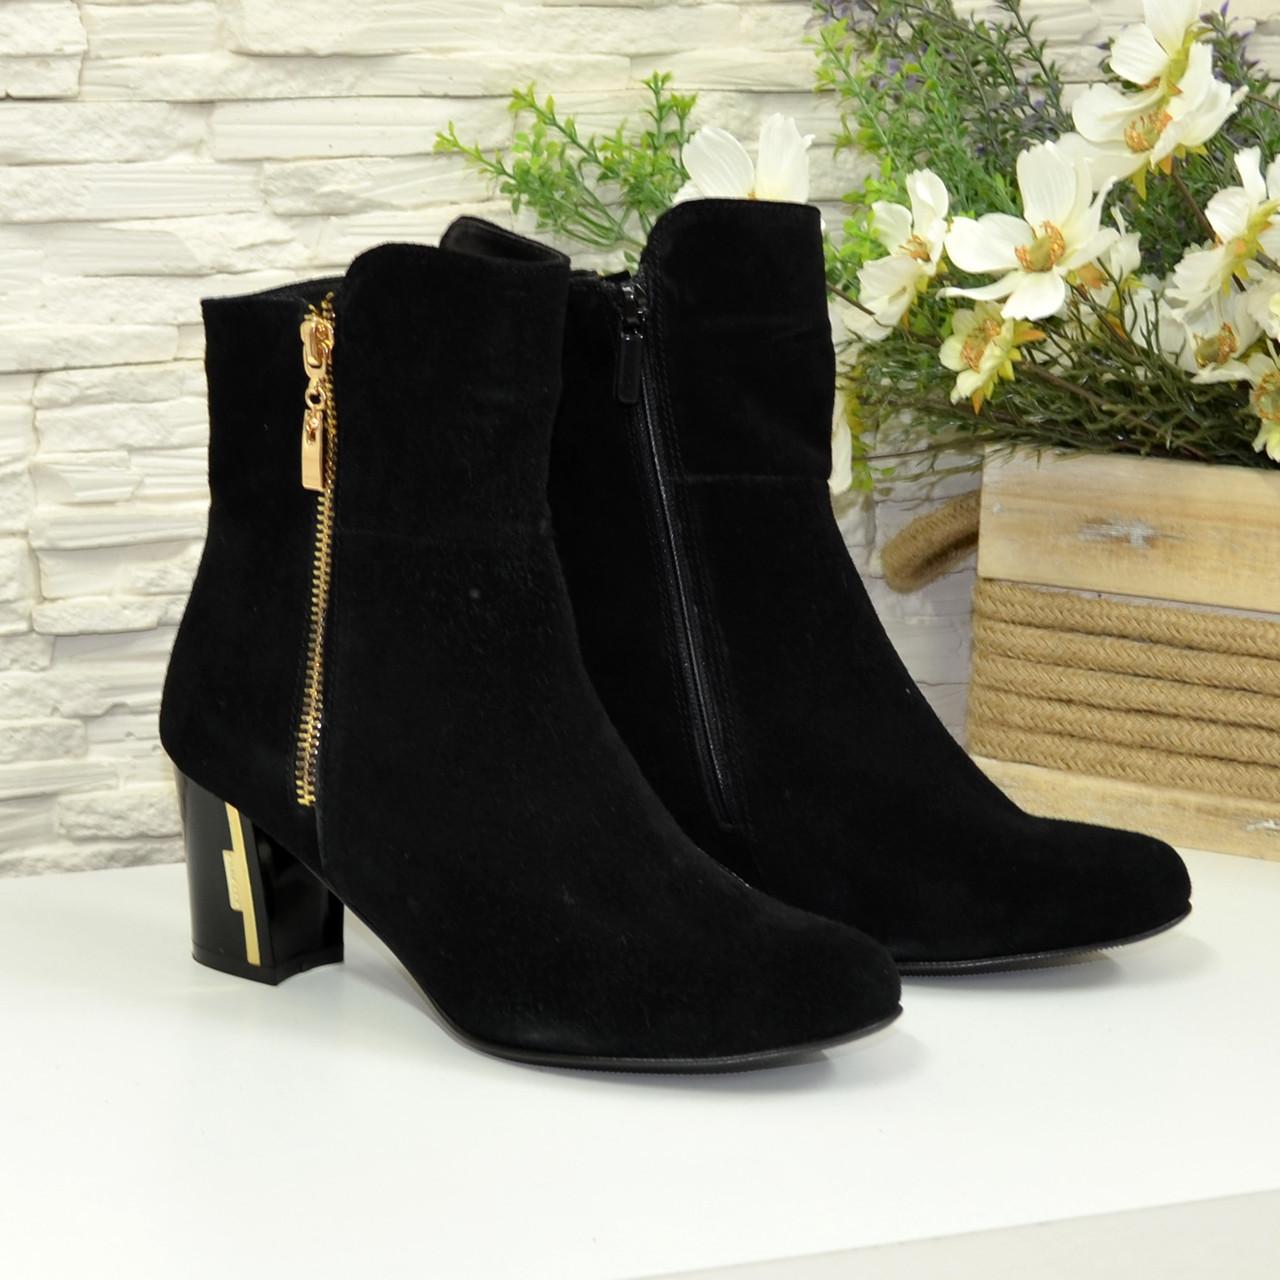 9c5355965 Женские замшевые черные демисезонные ботинки на невысоком каблуке. 36 размер